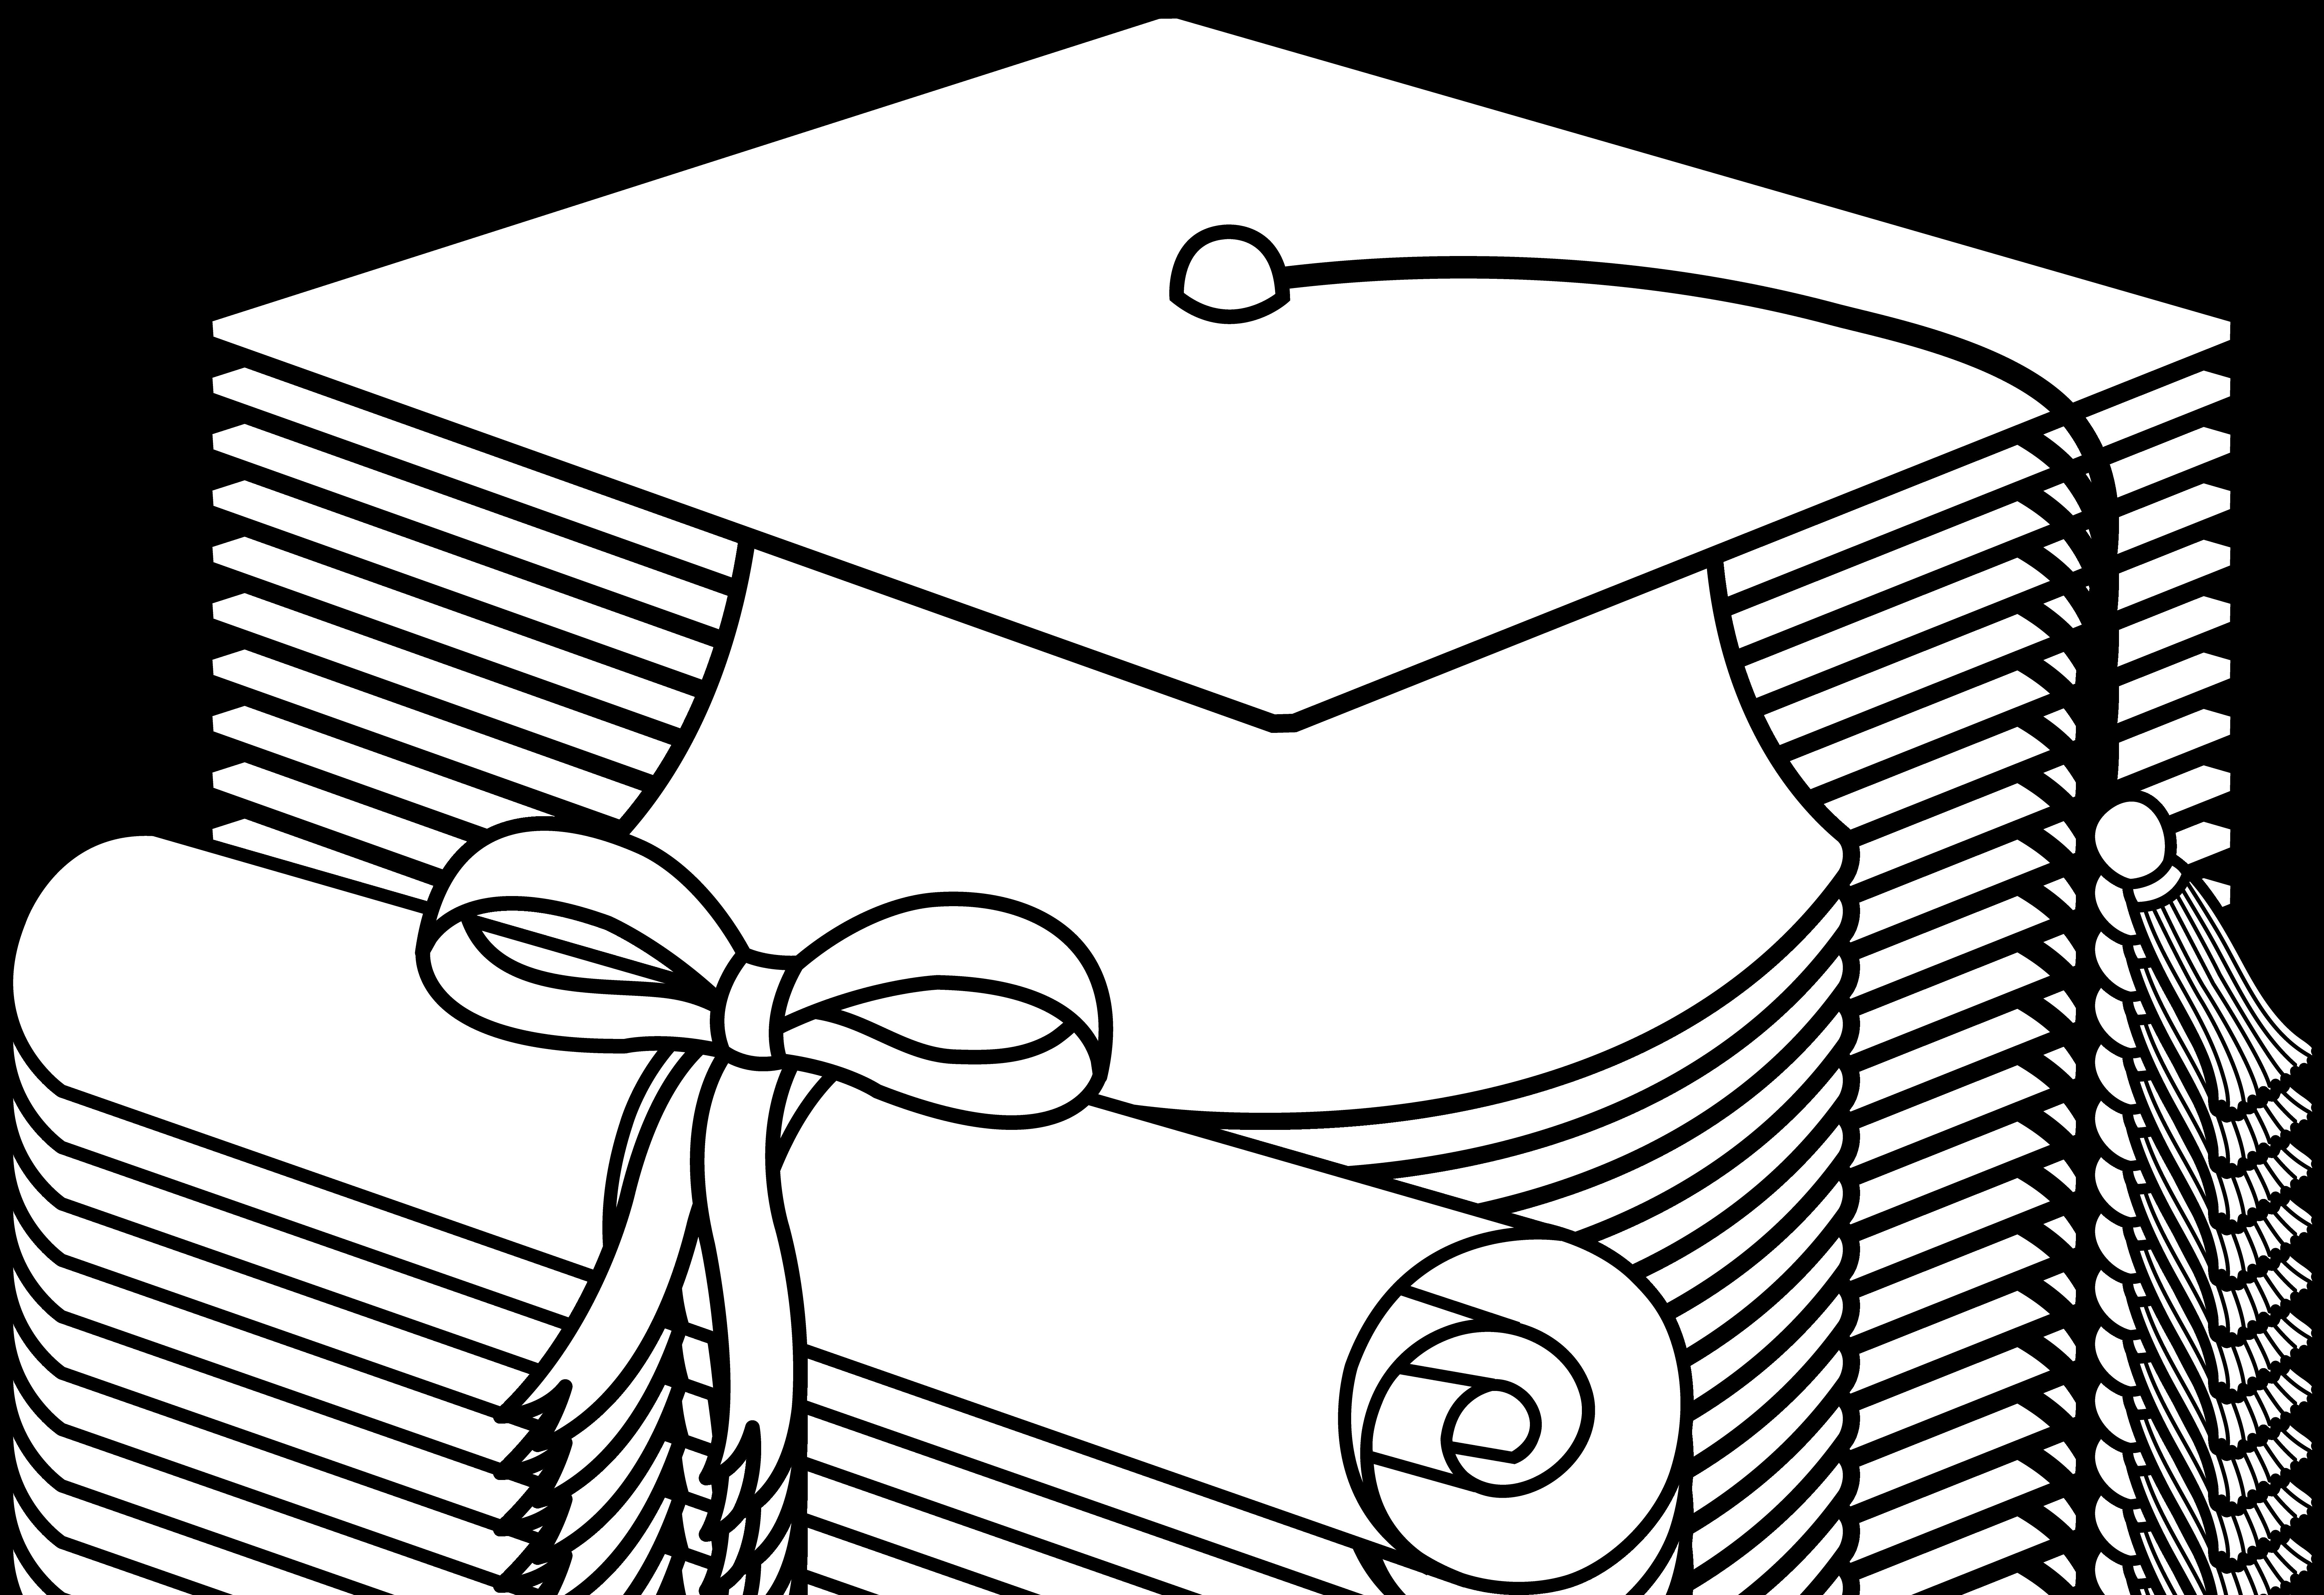 Flying Graduation Caps Clip Art Graduation Cap Line Art